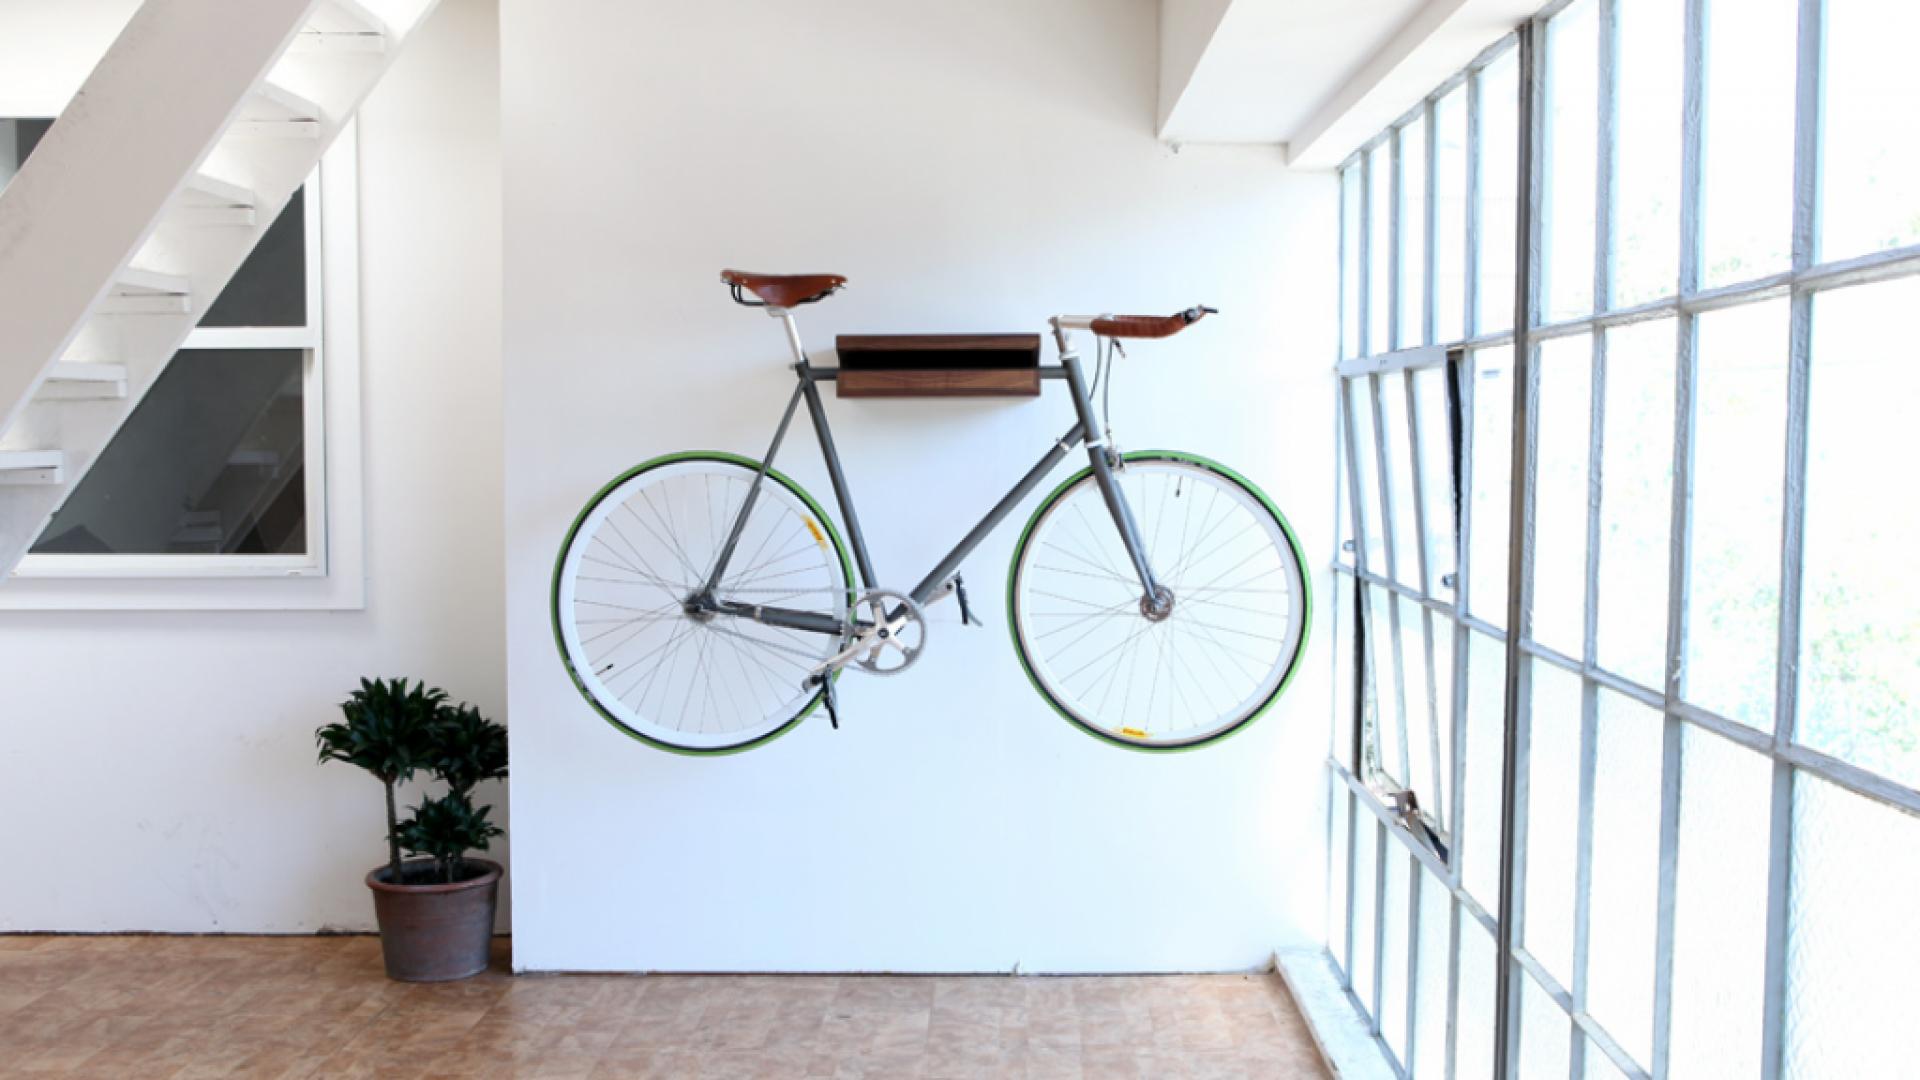 Spôsoby uskladnenia bicyklov doma alebo v práci